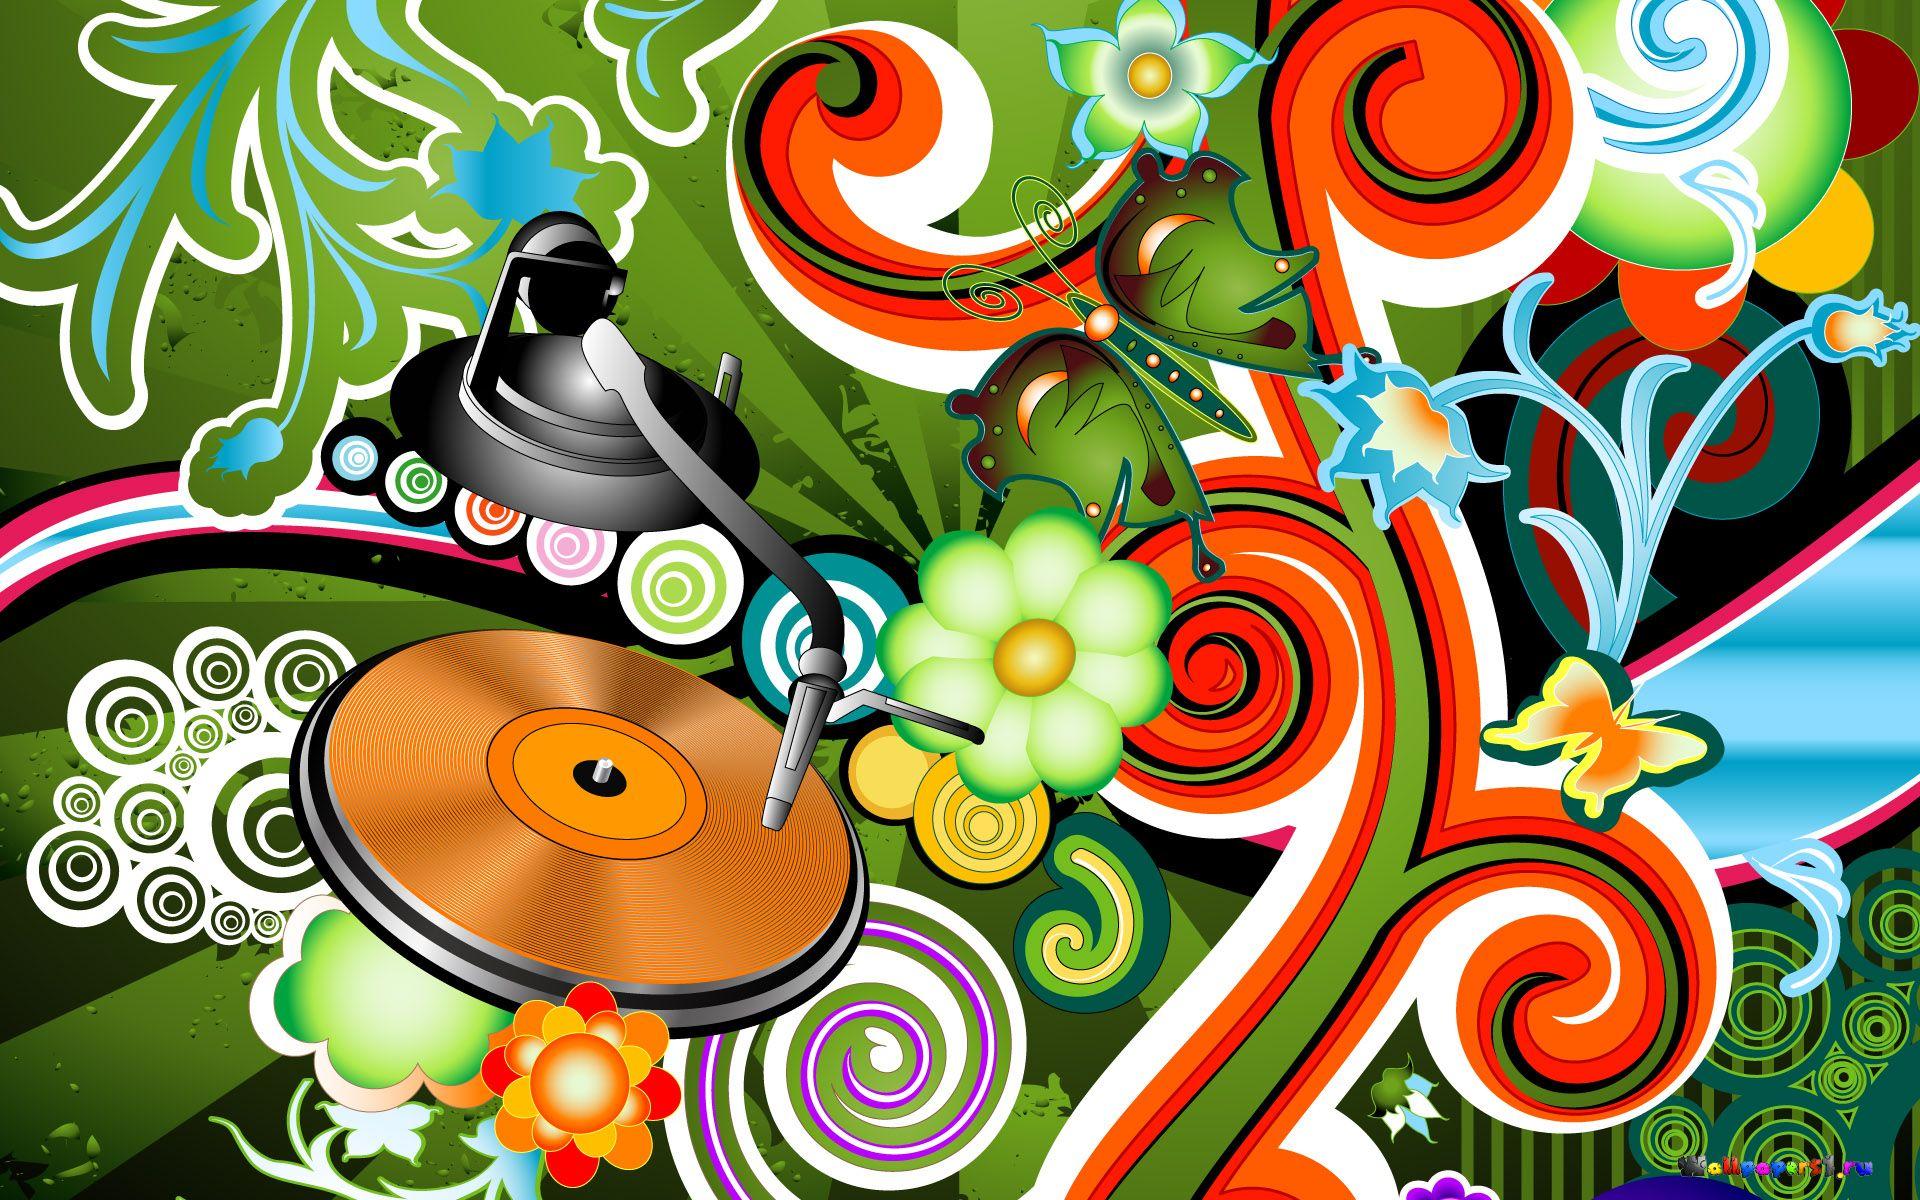 графика музыка graphics music без смс